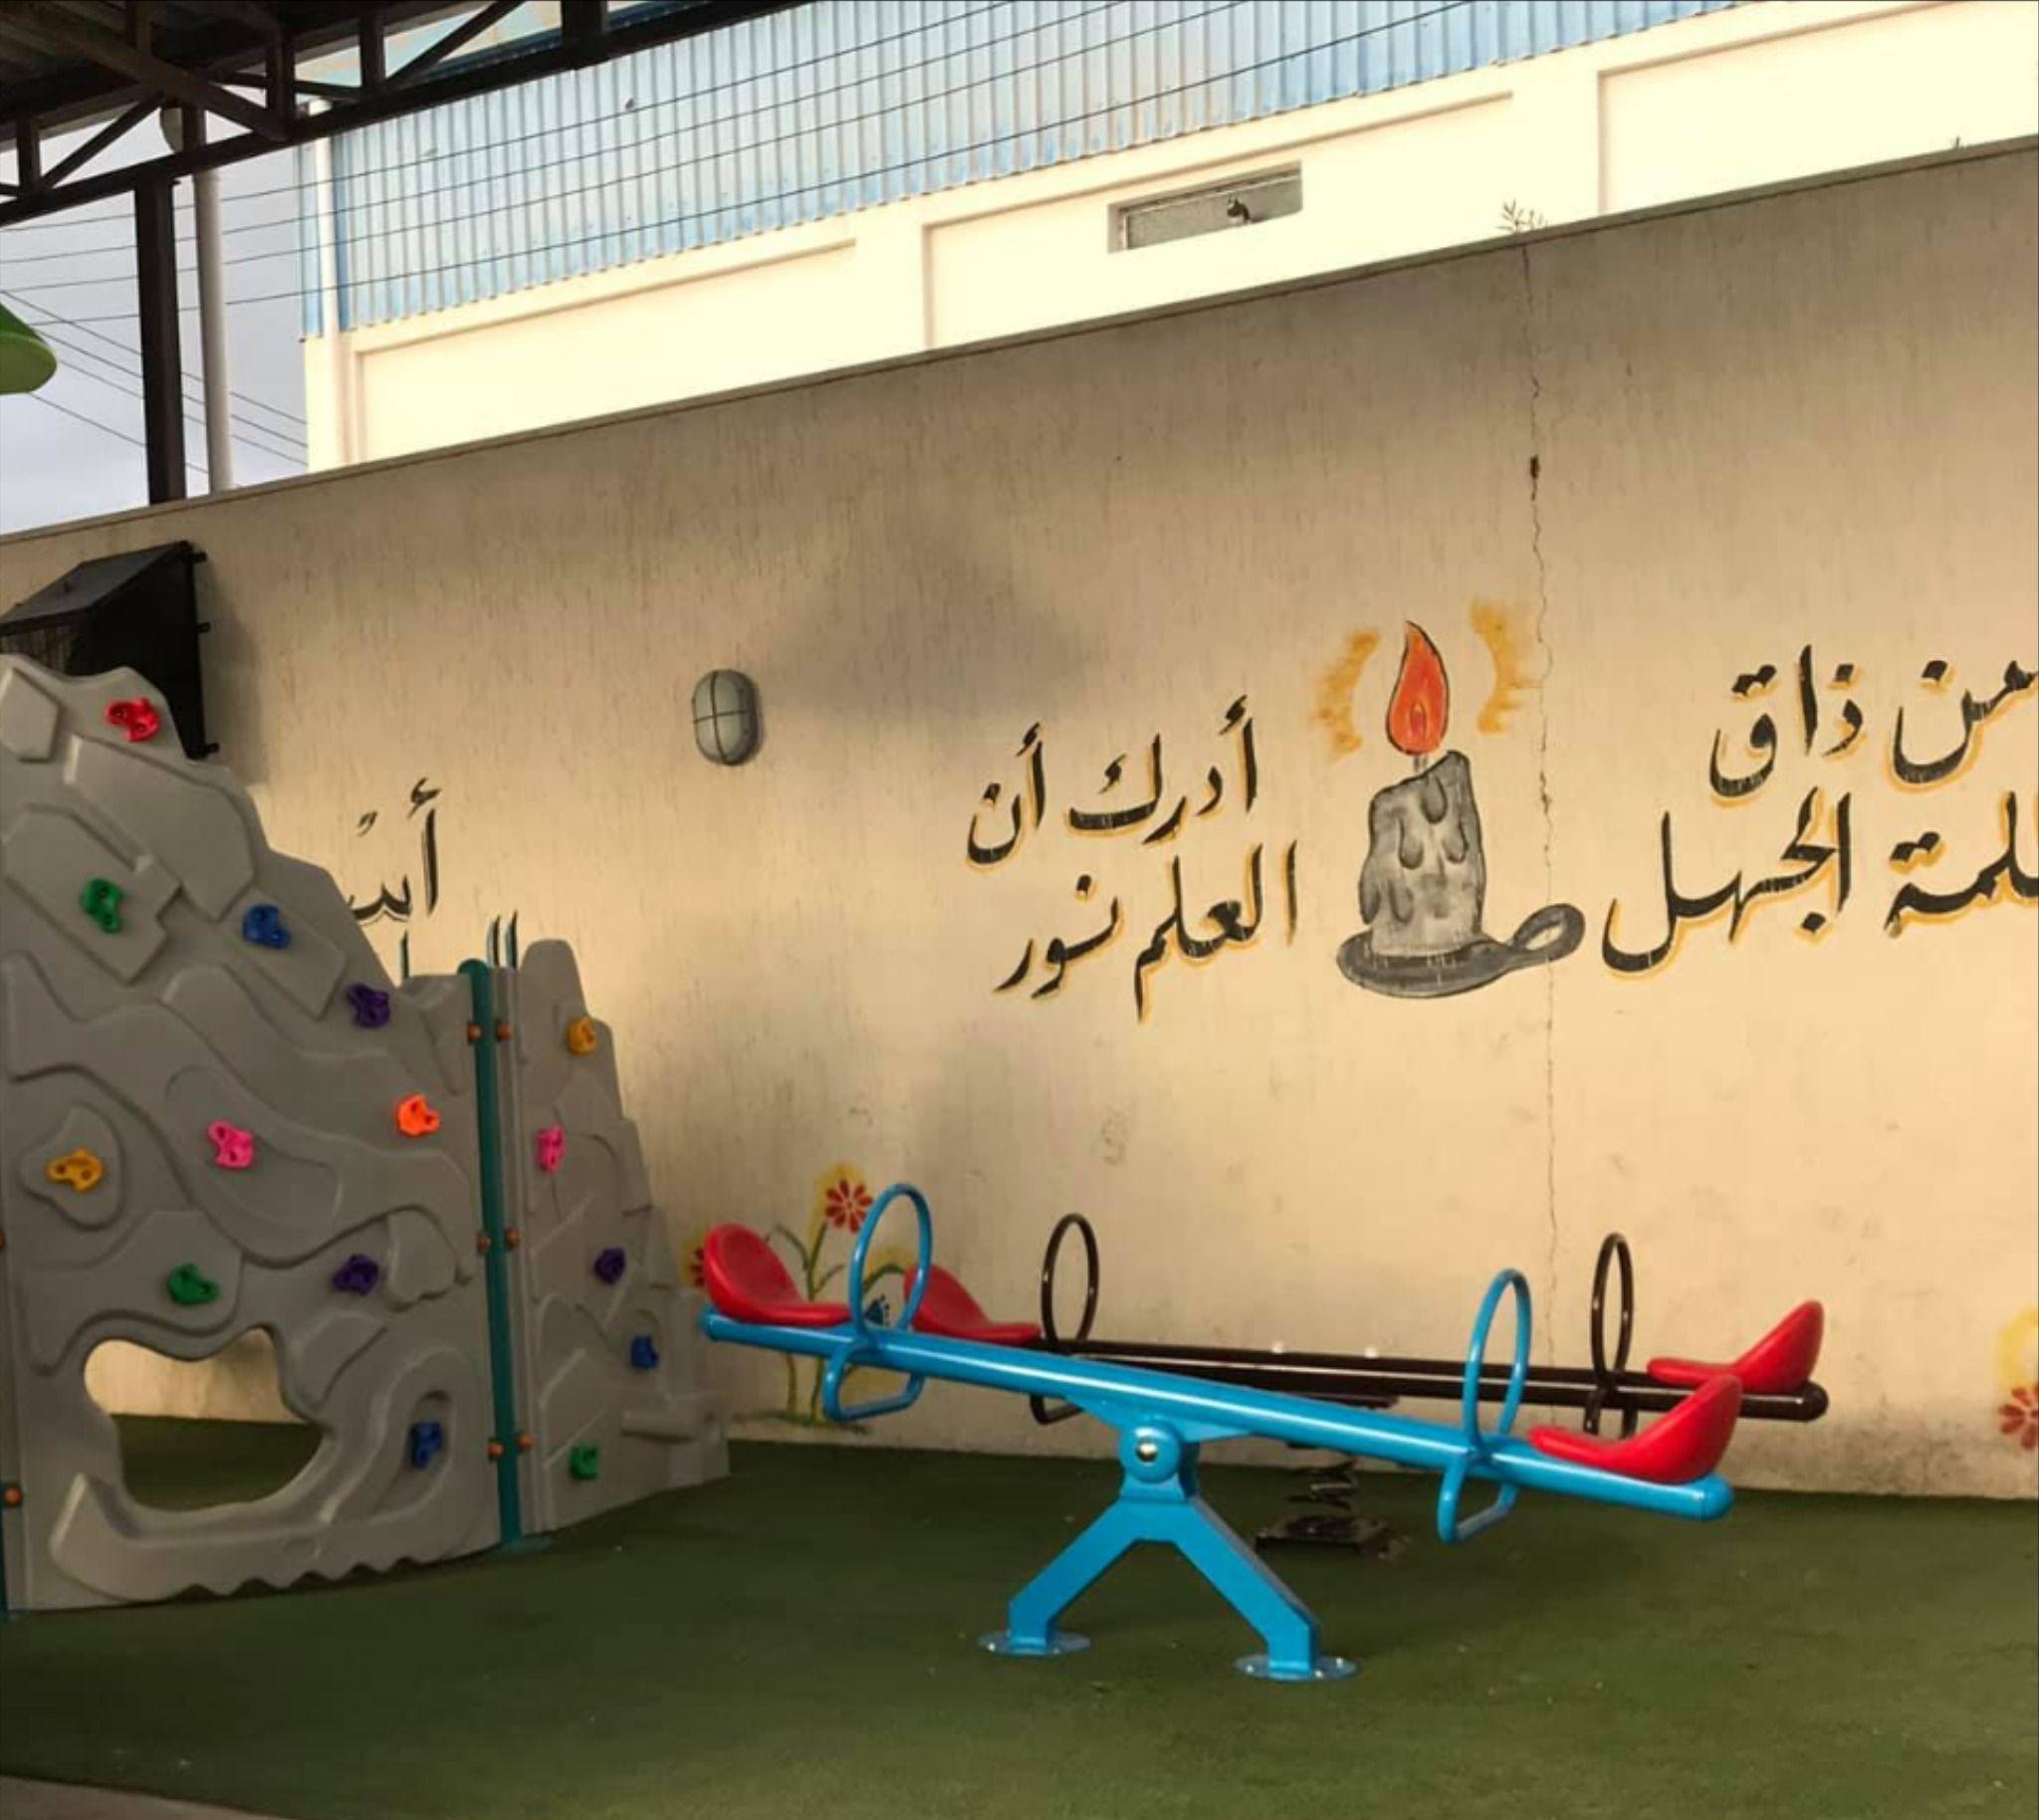 من ذاق ظلمة الجهل أدرك ان العلم نور مصطفى نور الدين Park Slide Park Structures